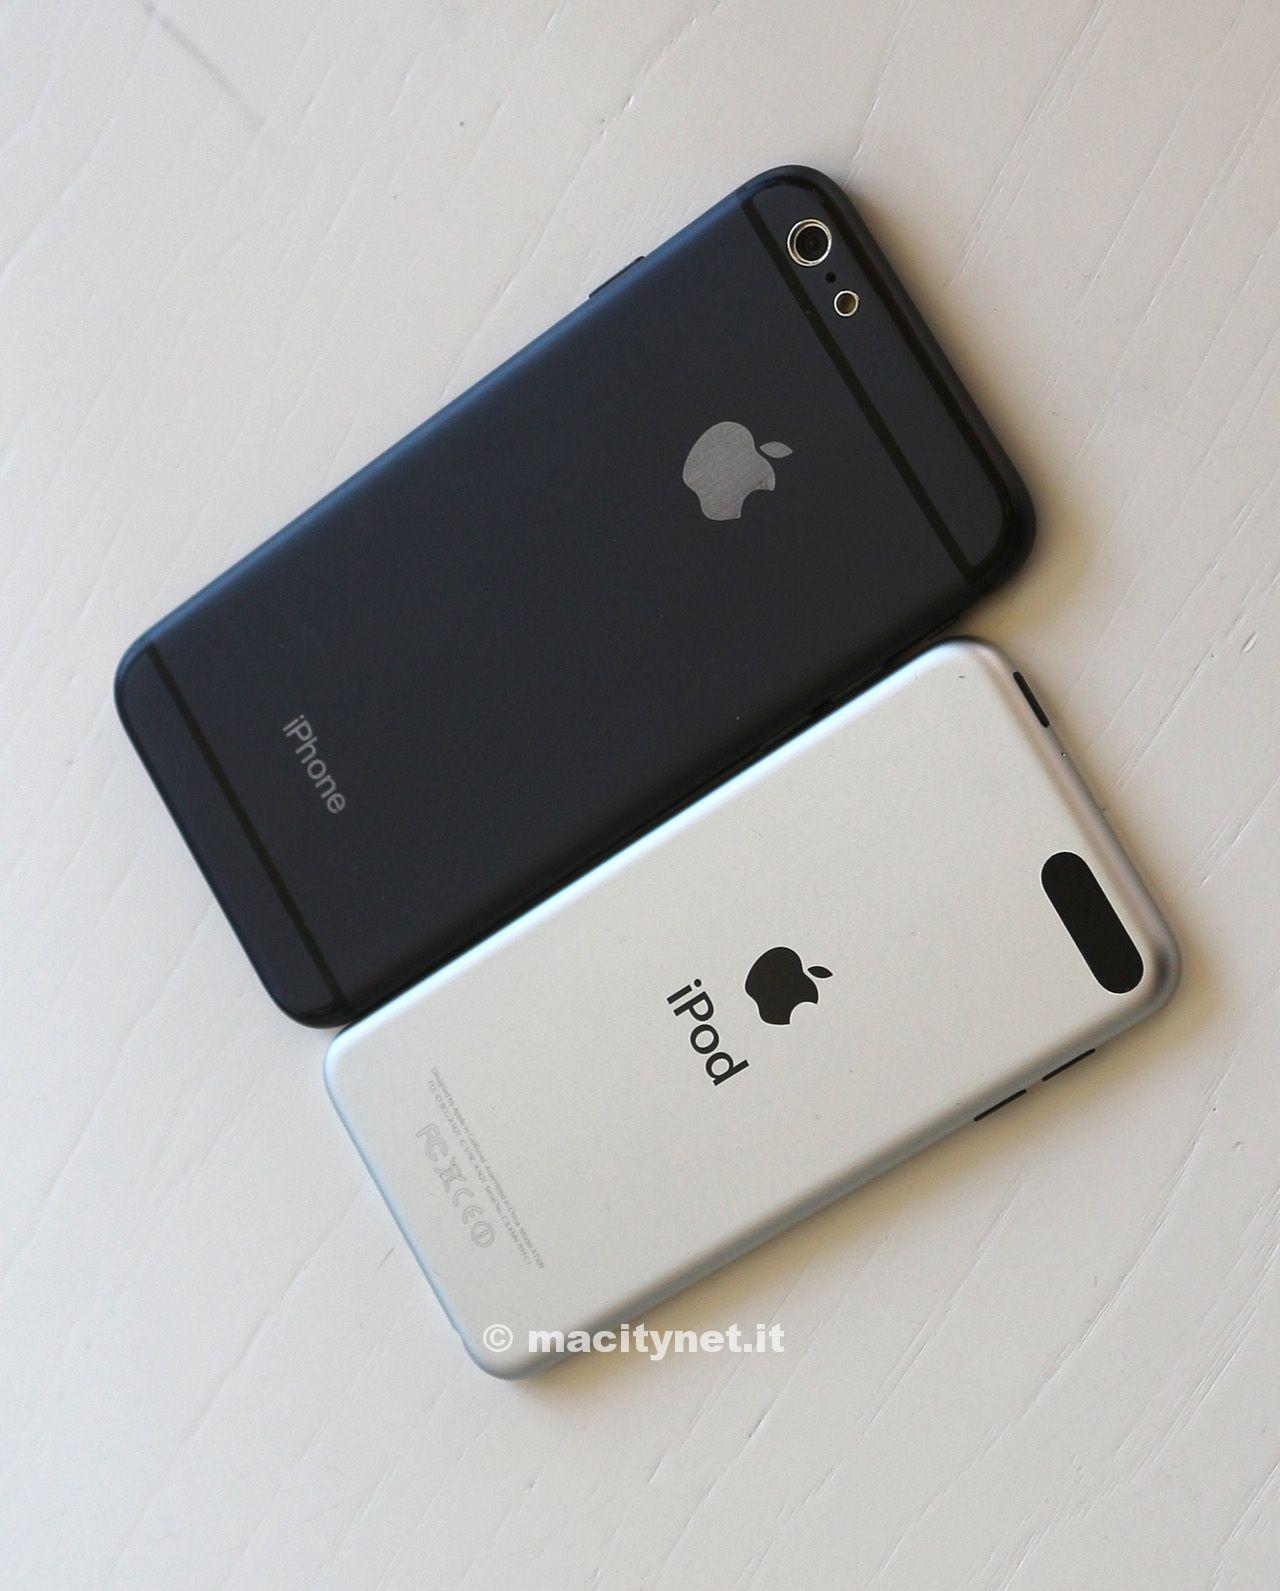 iphone6eipodtouchg64 Comparaison entre liPhone 6 et liPod Touch 5G